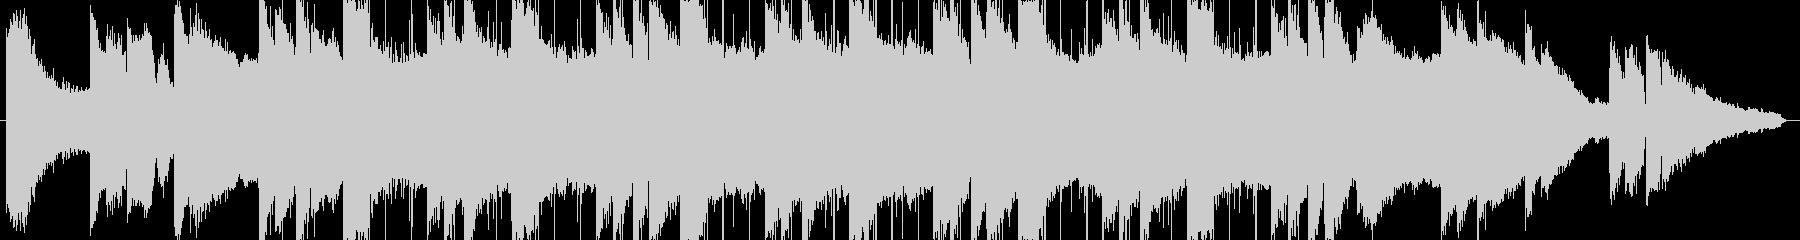 lofi風しっとりとしたピアノBGM3の未再生の波形